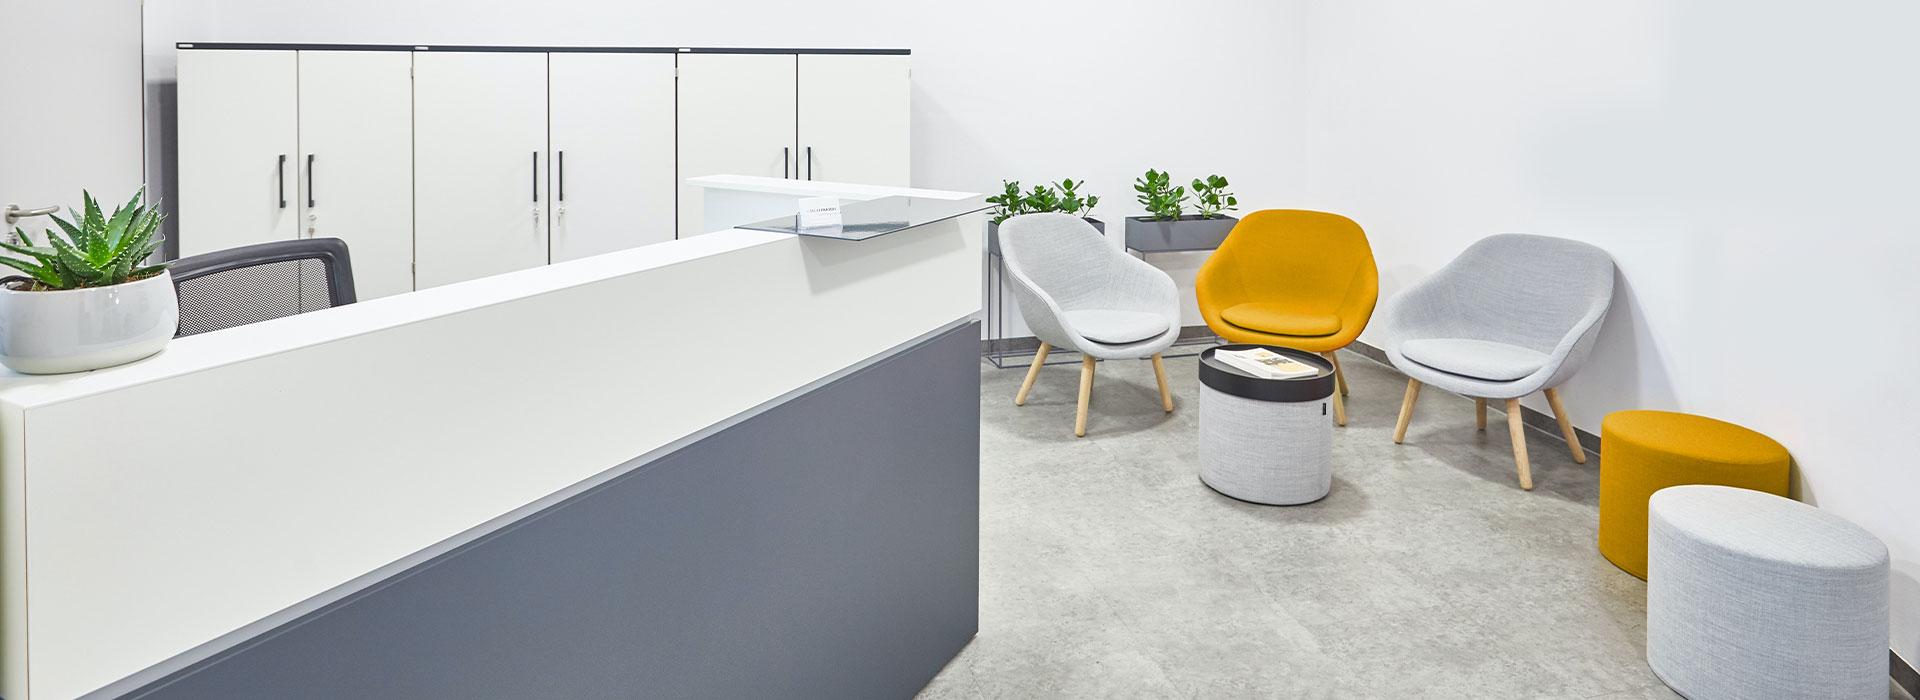 Der Eingangsbereich der Physiopraxis mit drei Stühlen, zwei Hockern und einem Empfangstresen